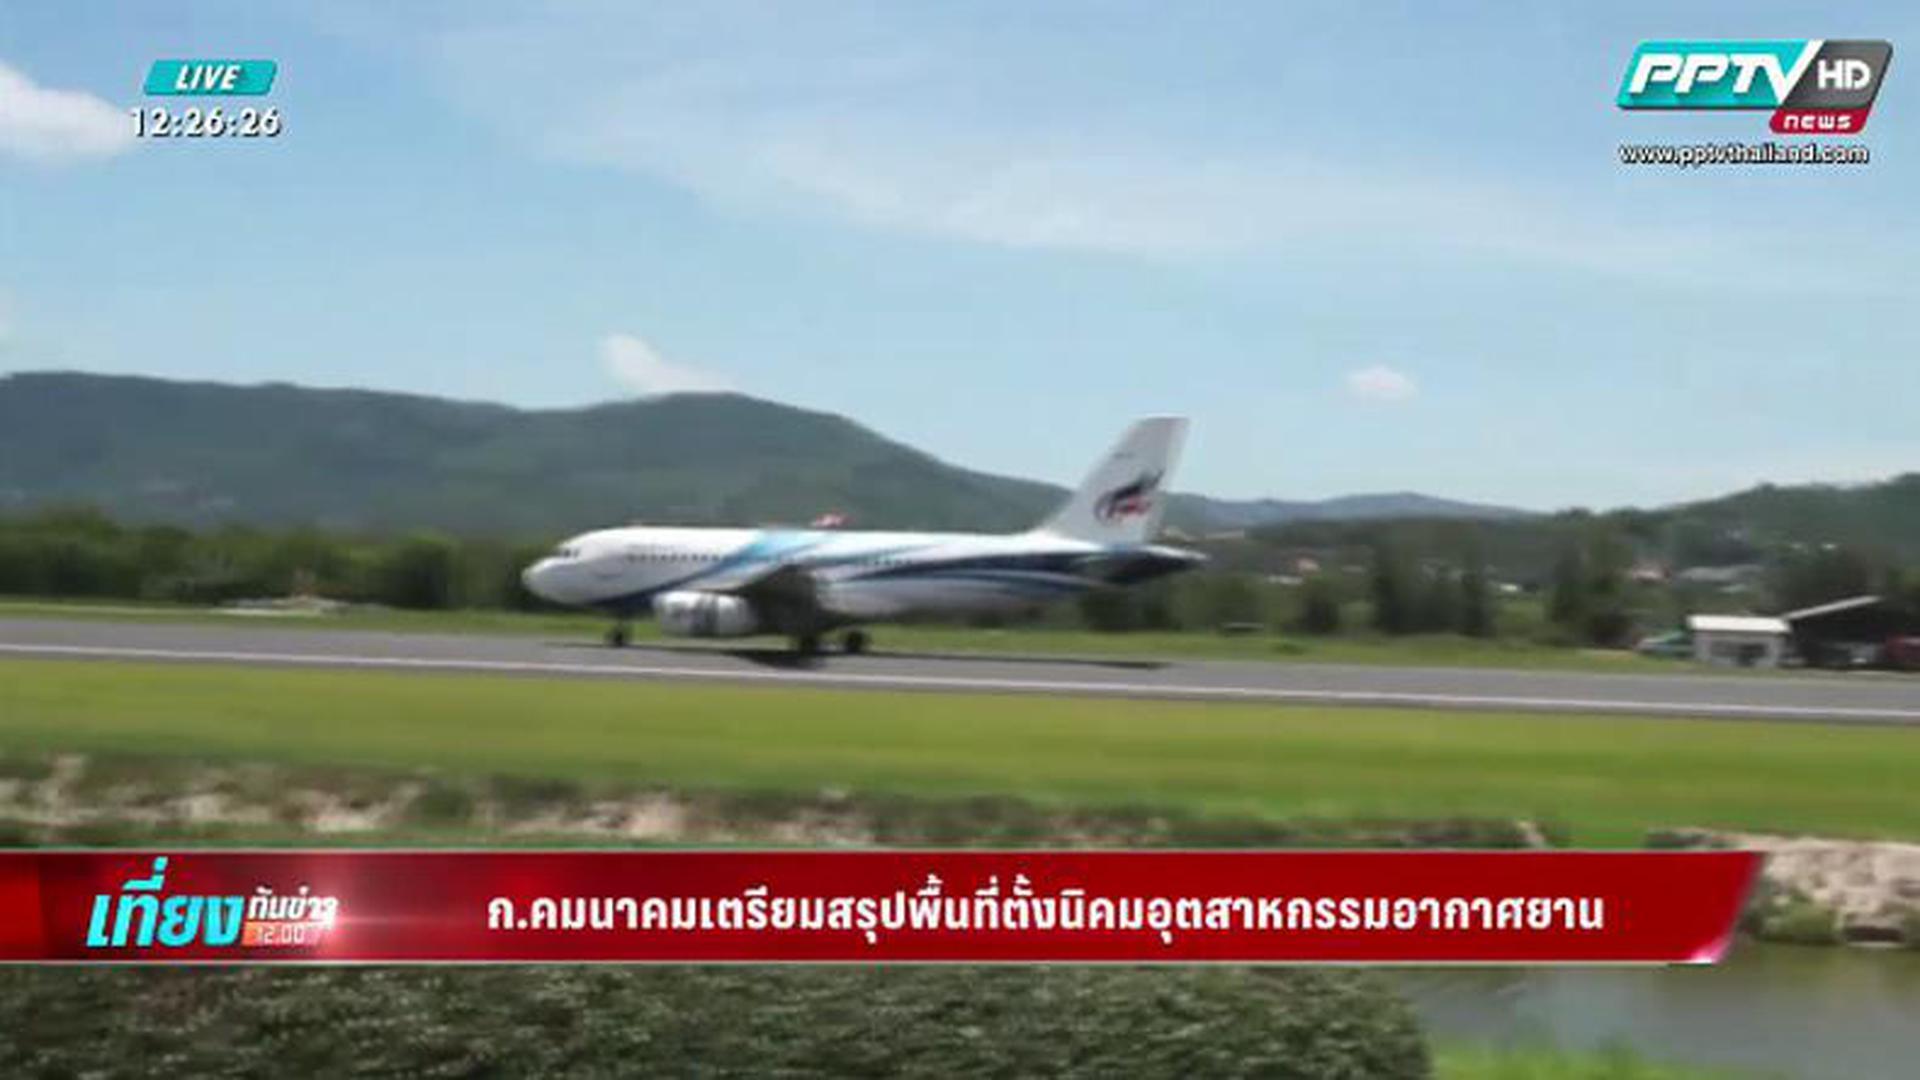 คัด 4 สนามบินตั้งนิคมอุตสาหกรรมอากาศยาน